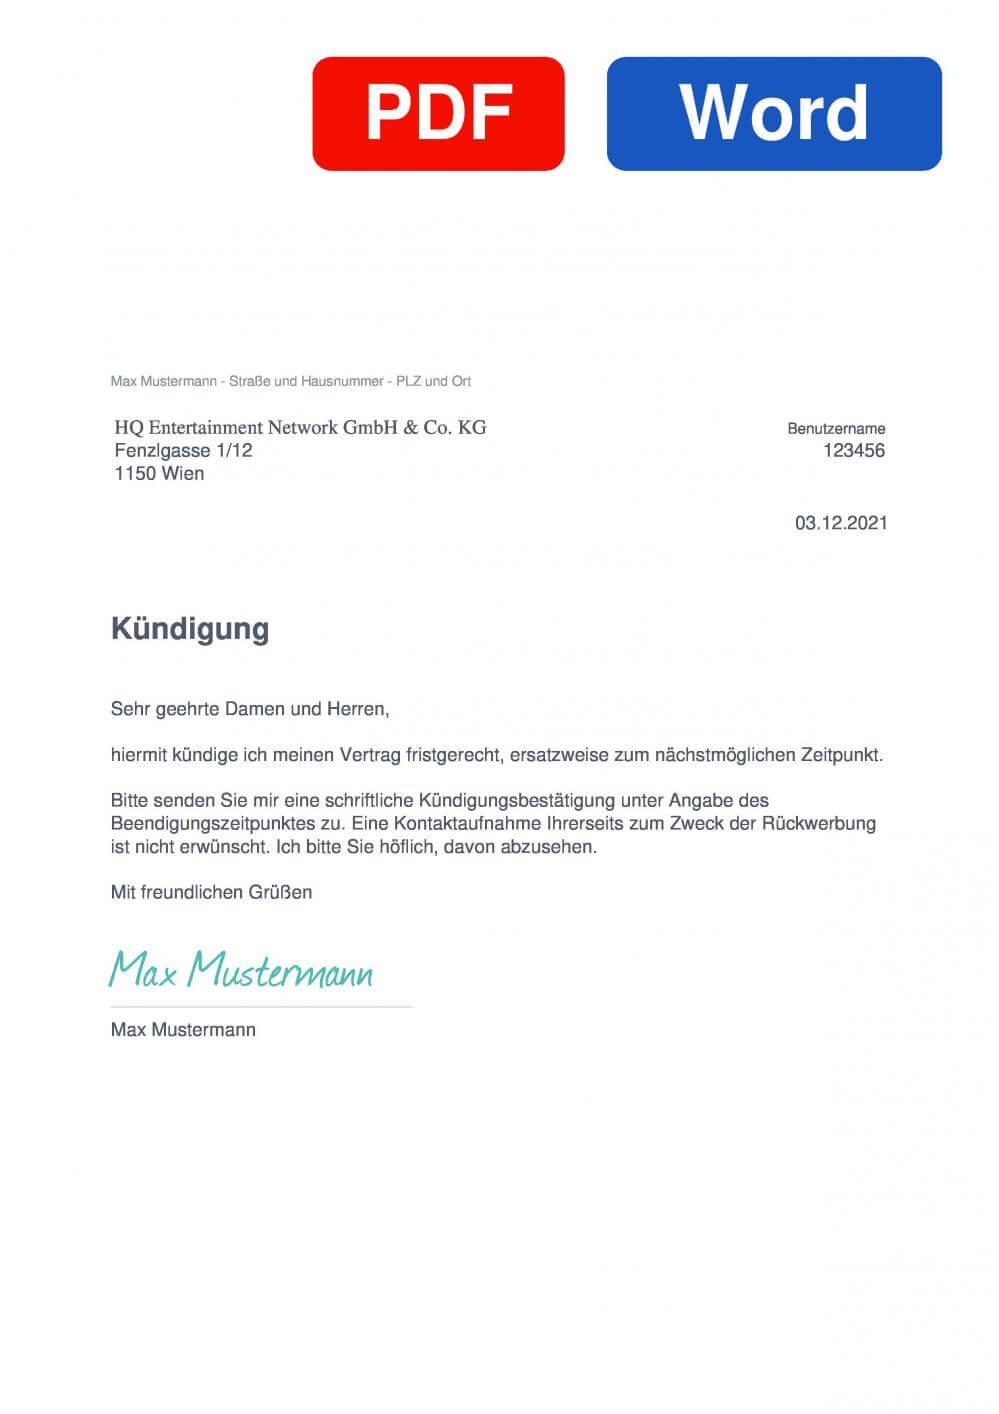 xPartner Muster Vorlage für Kündigungsschreiben